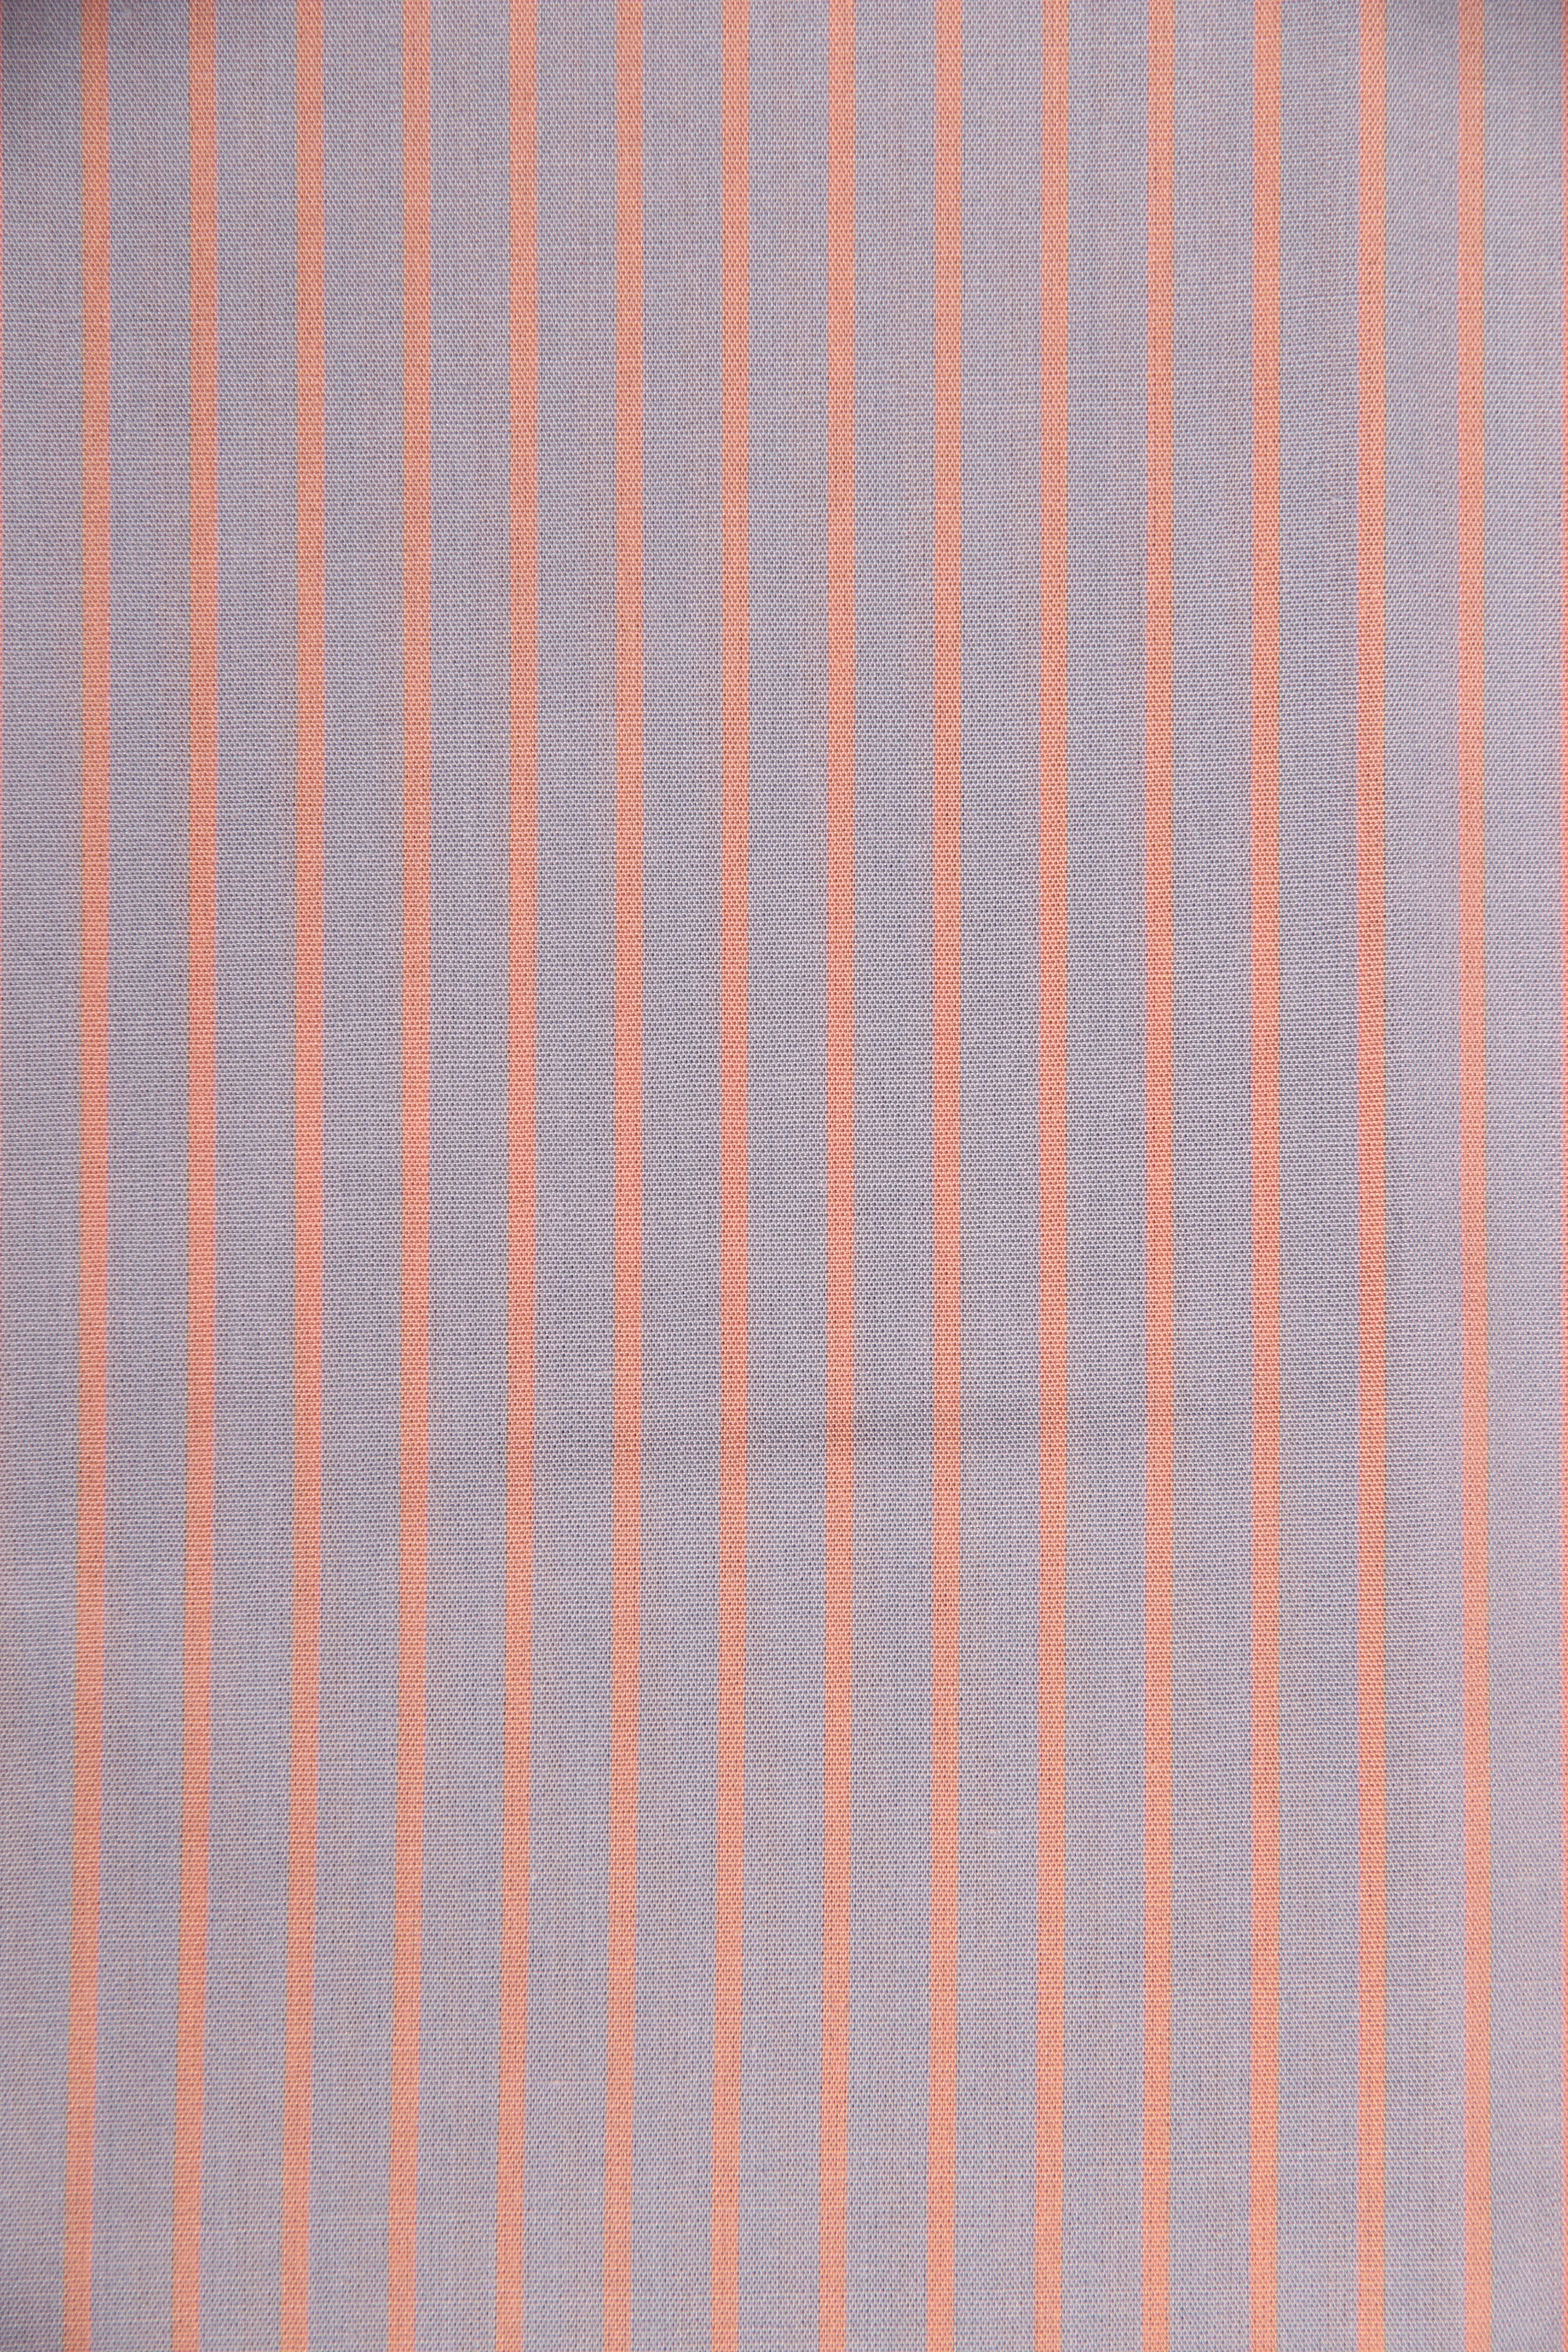 Простая тканая ткань tencel, хлопчатобумажная ткань, окрашенная шелковая хлопчатобумажная полосатая ткань для рубашек